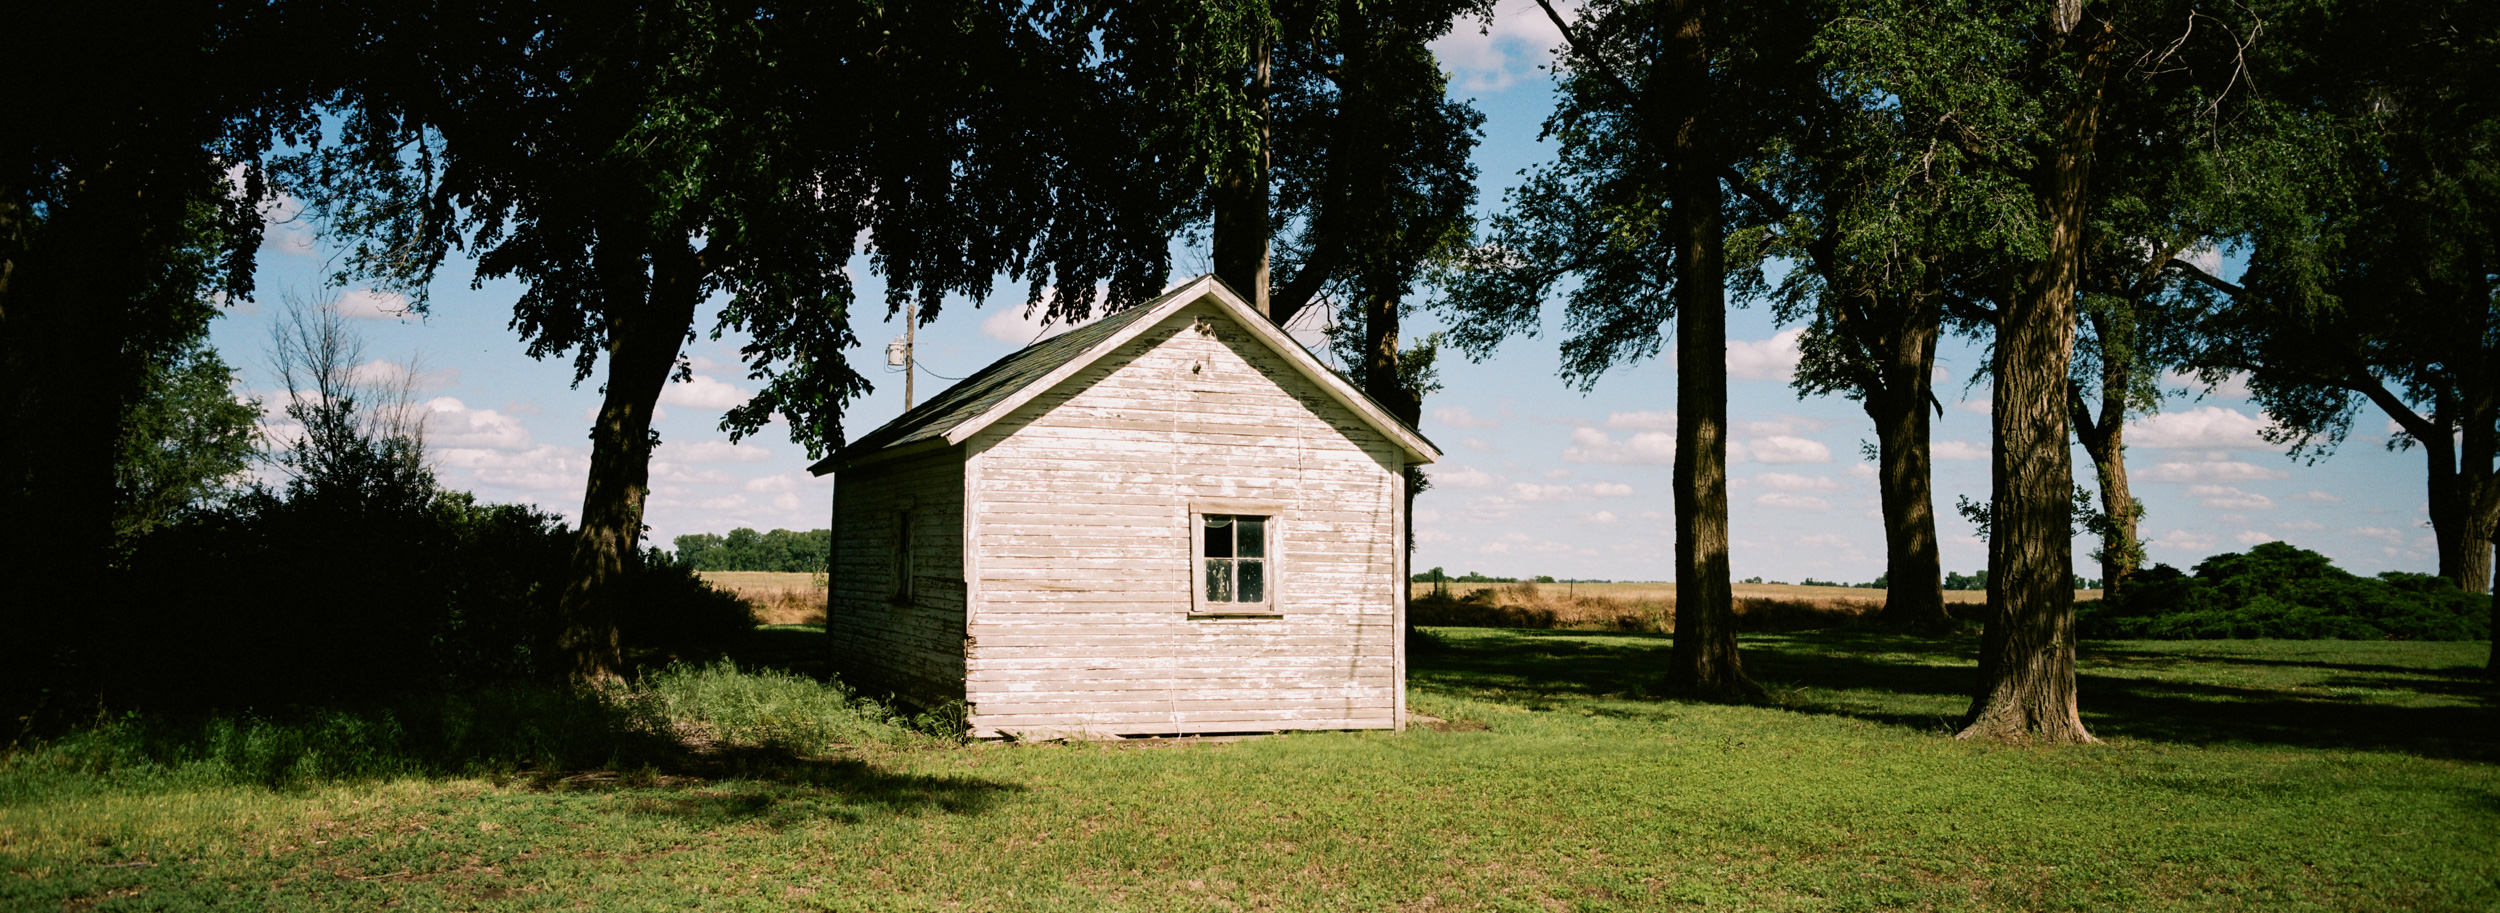 St.John_Kansas_AndrewWhite-112.JPG